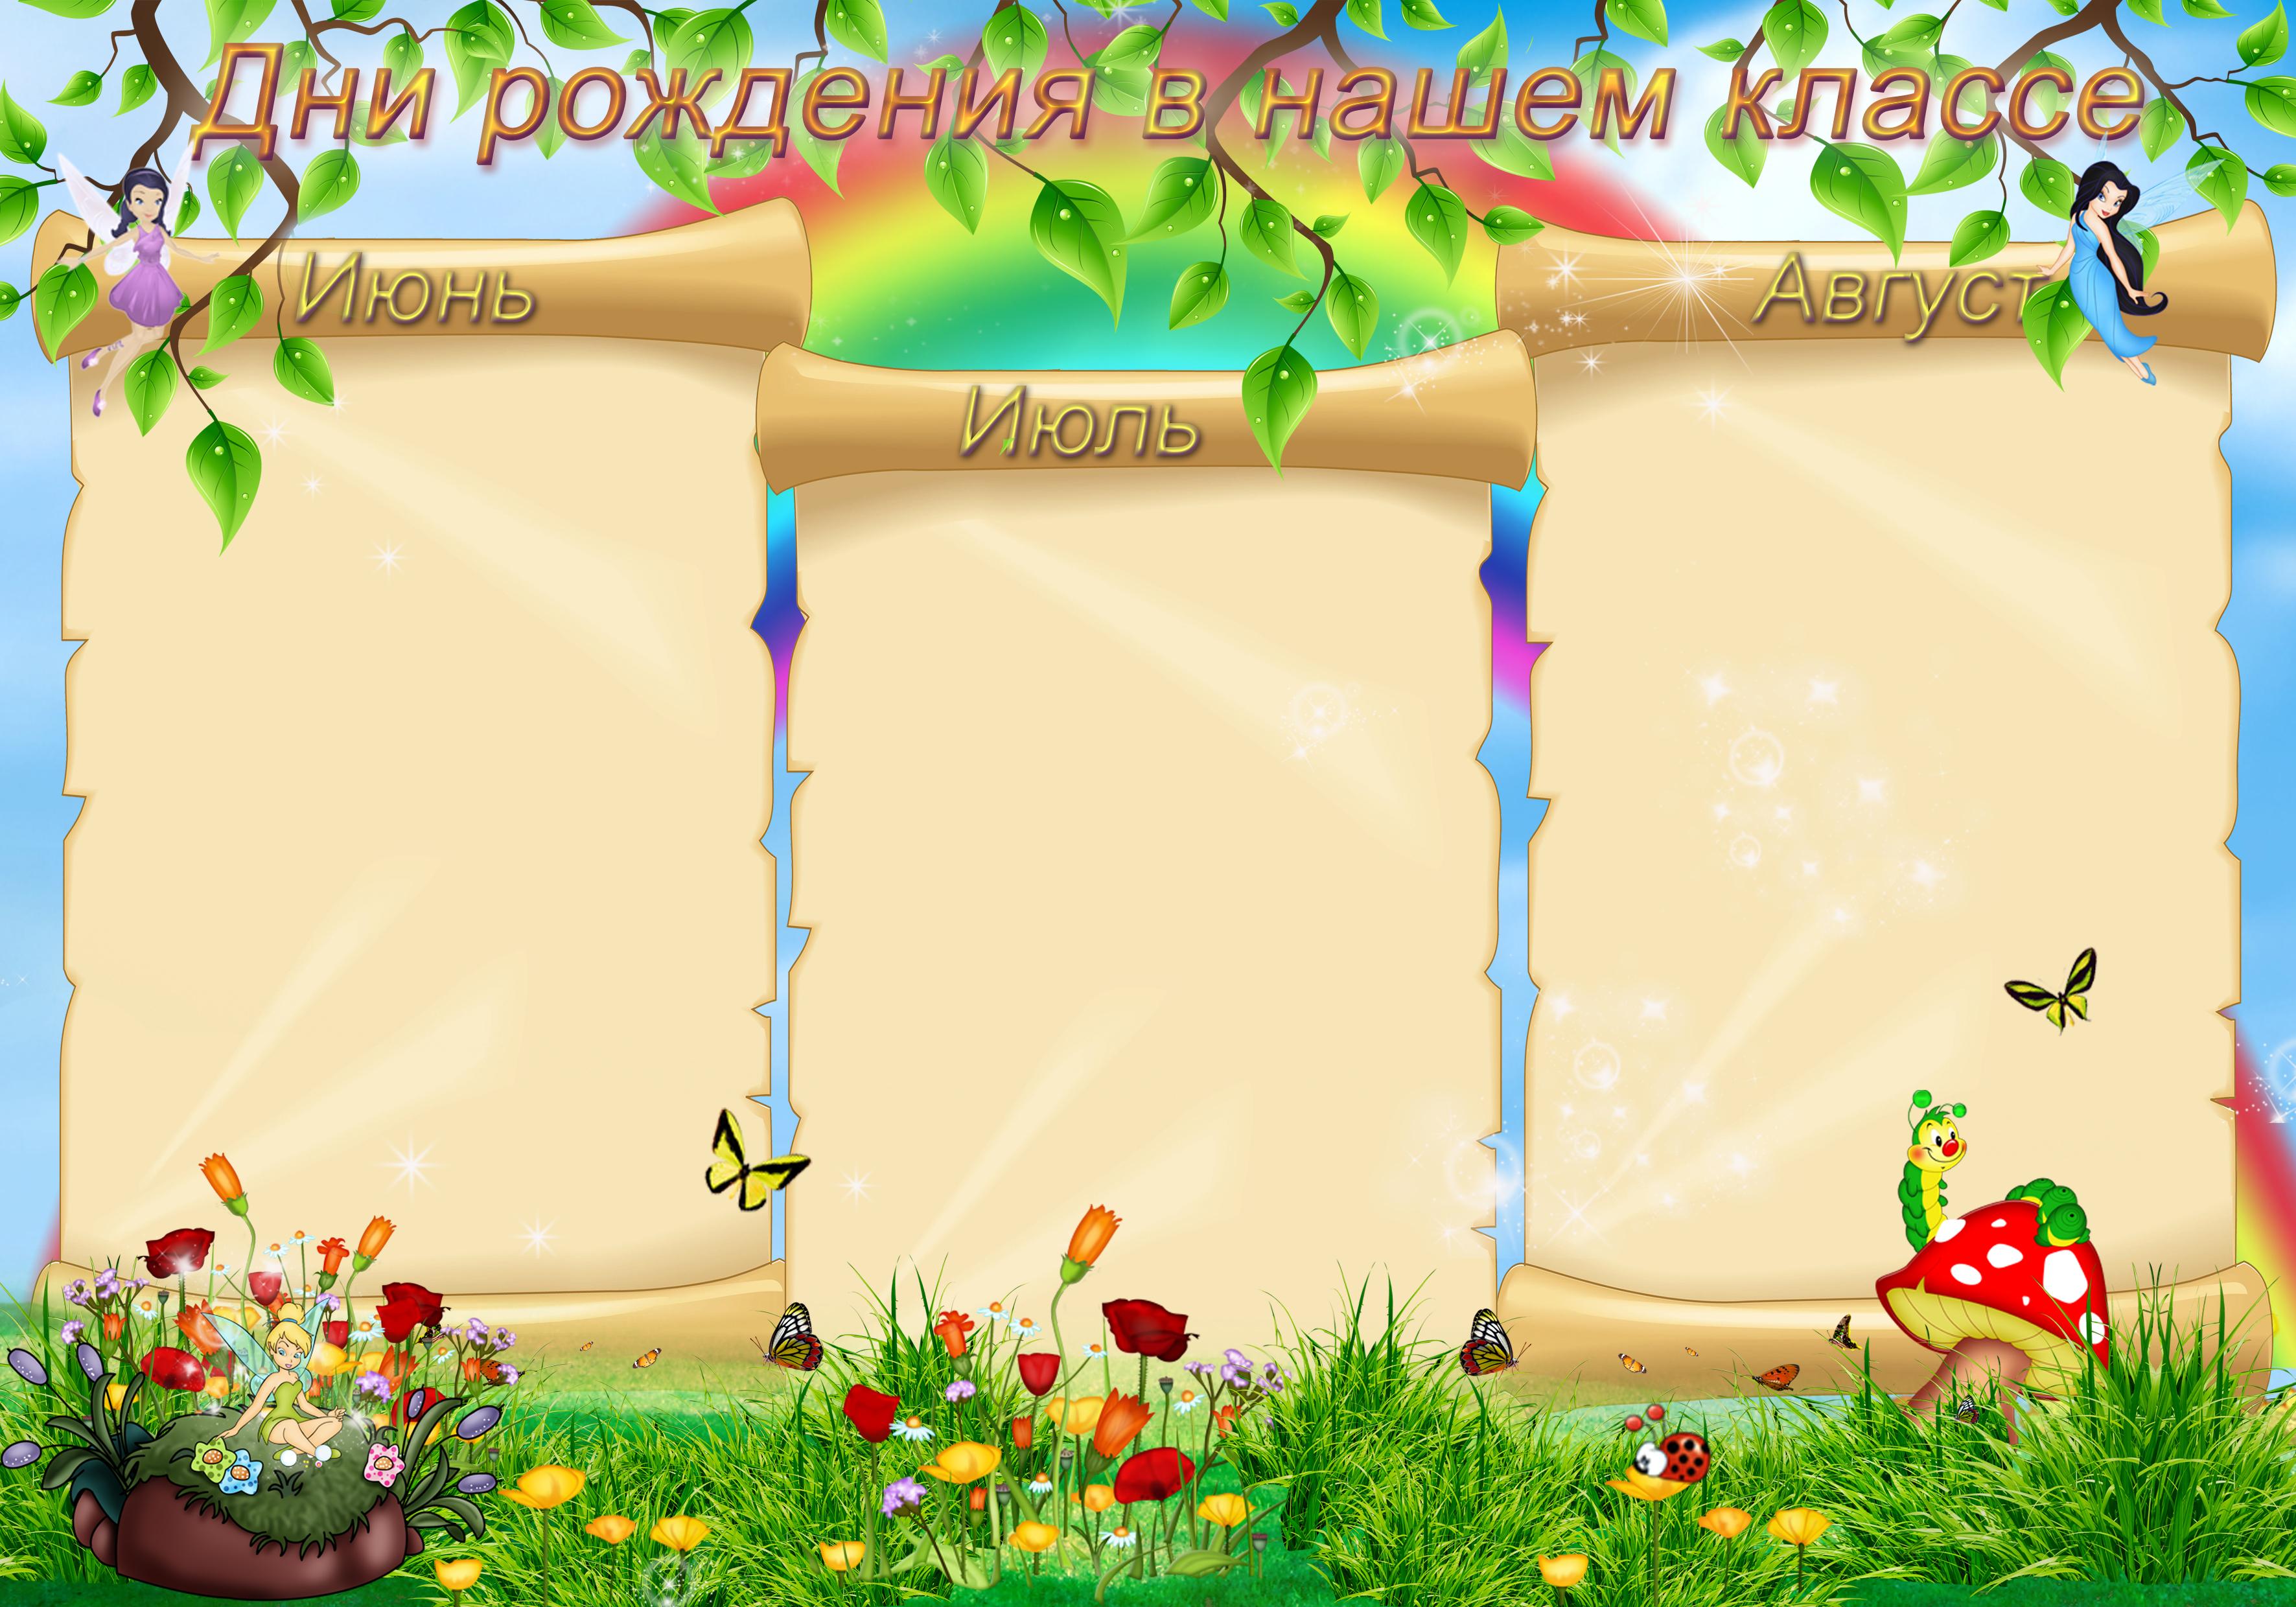 Шаблон для поздравления в детском саду